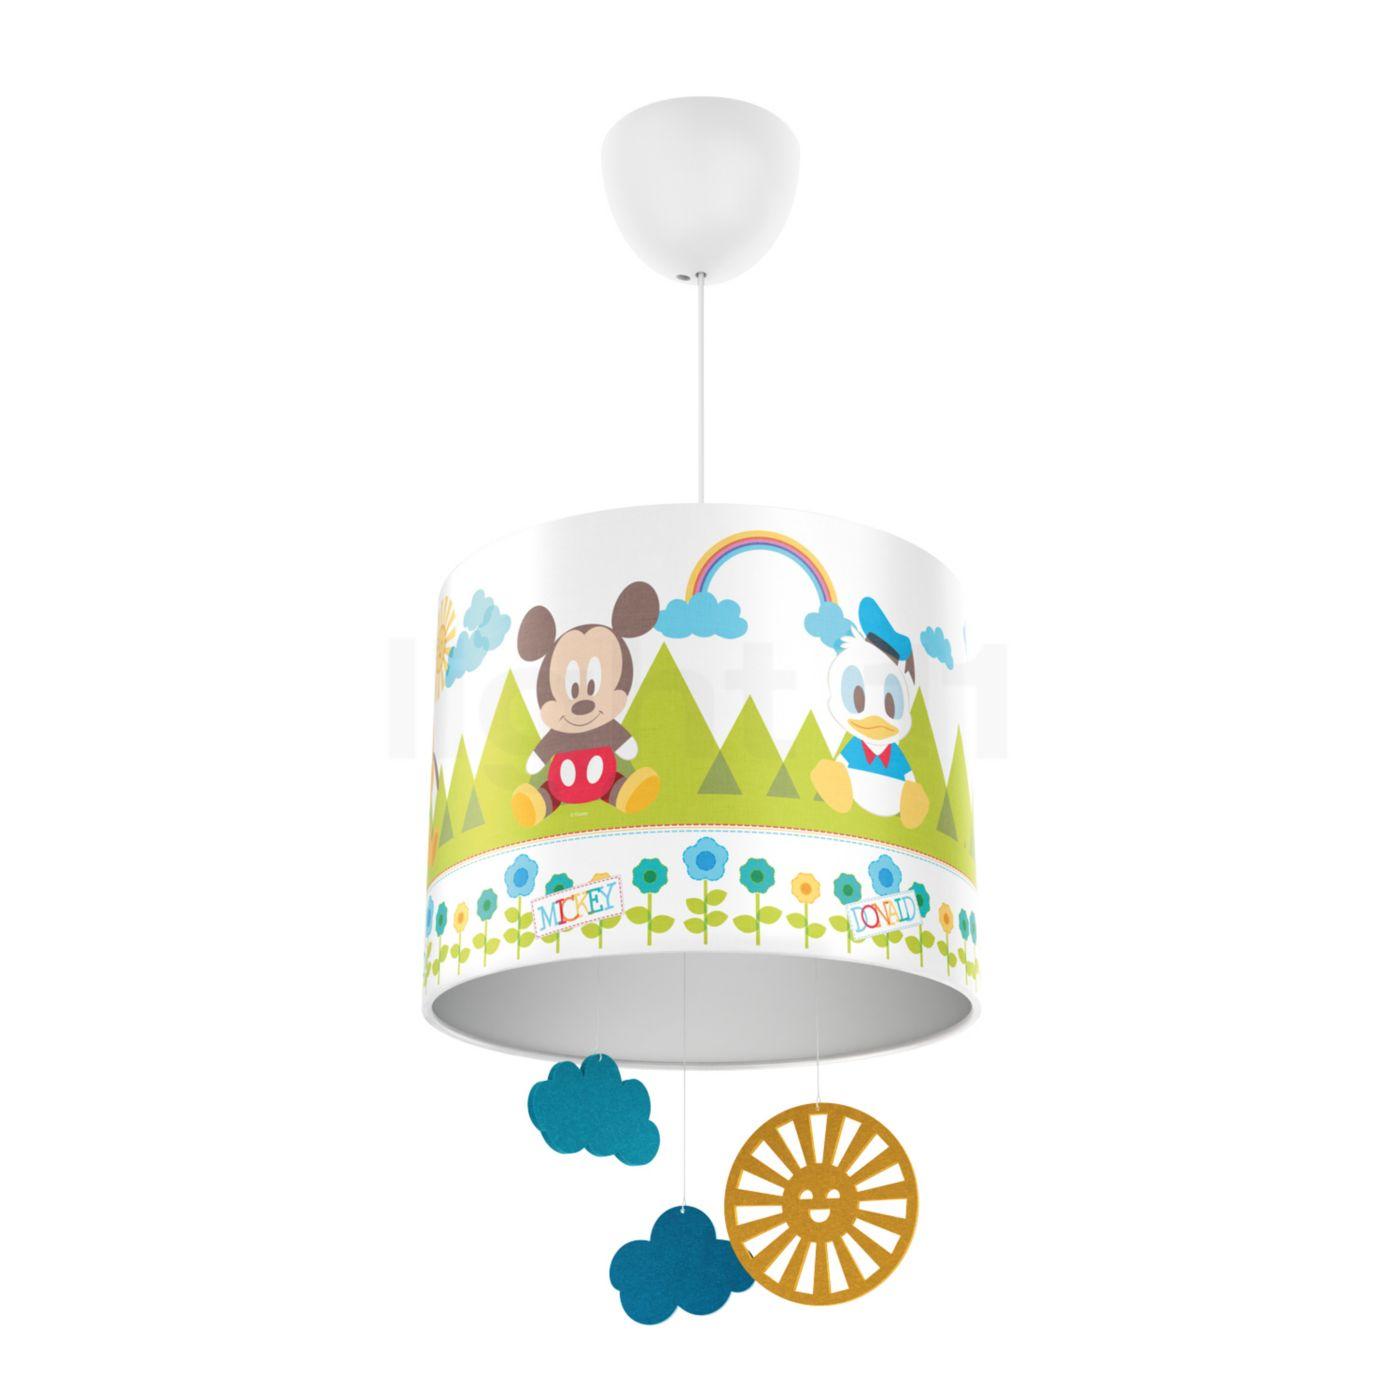 philips mickey mouse mobile lampada a sospensione - Lampade Bambini Philips